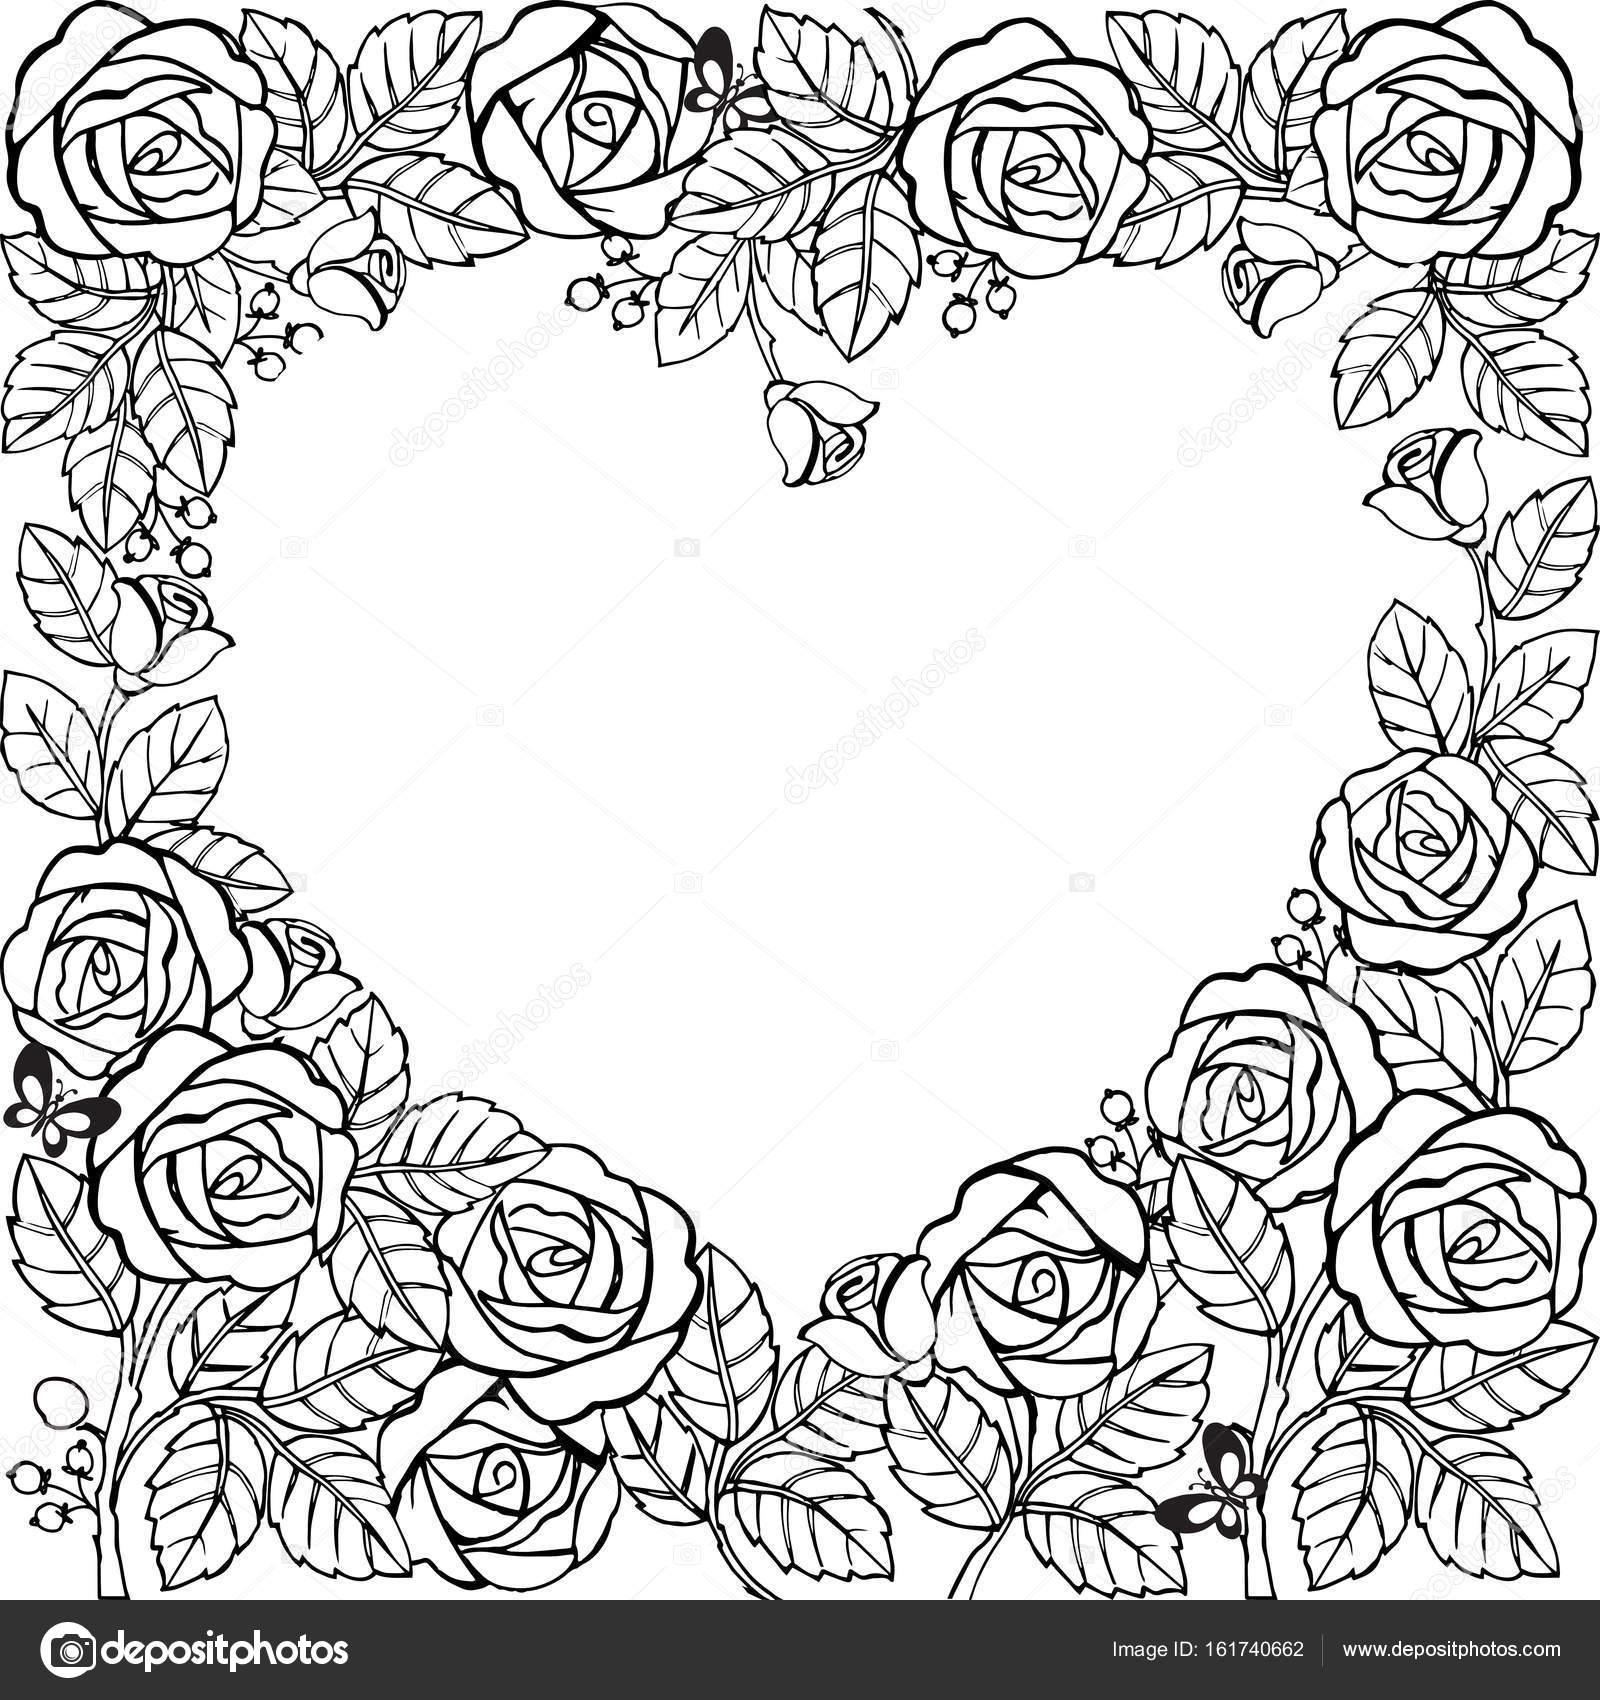 Marco de flores con rosas y corazón. Marco de flores para colorear ...